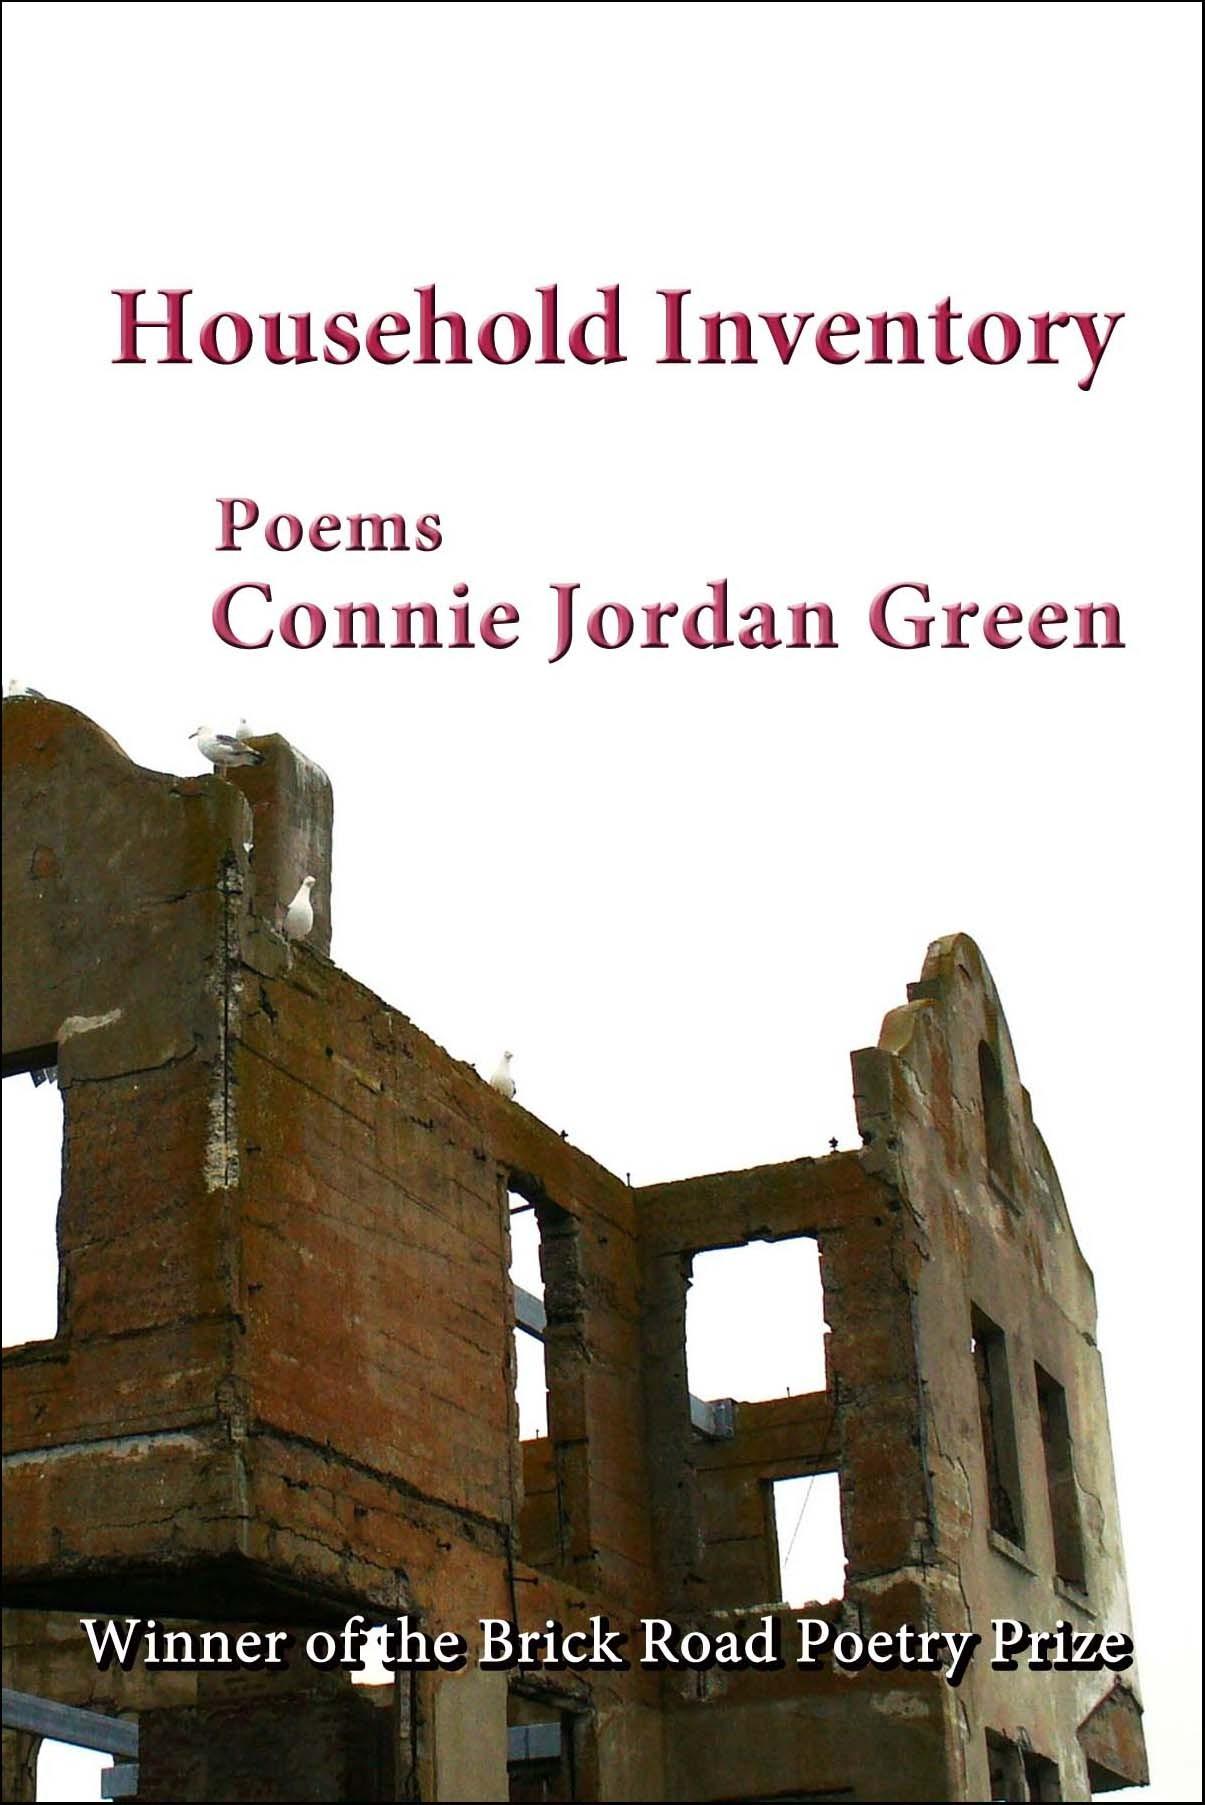 Householdinventory